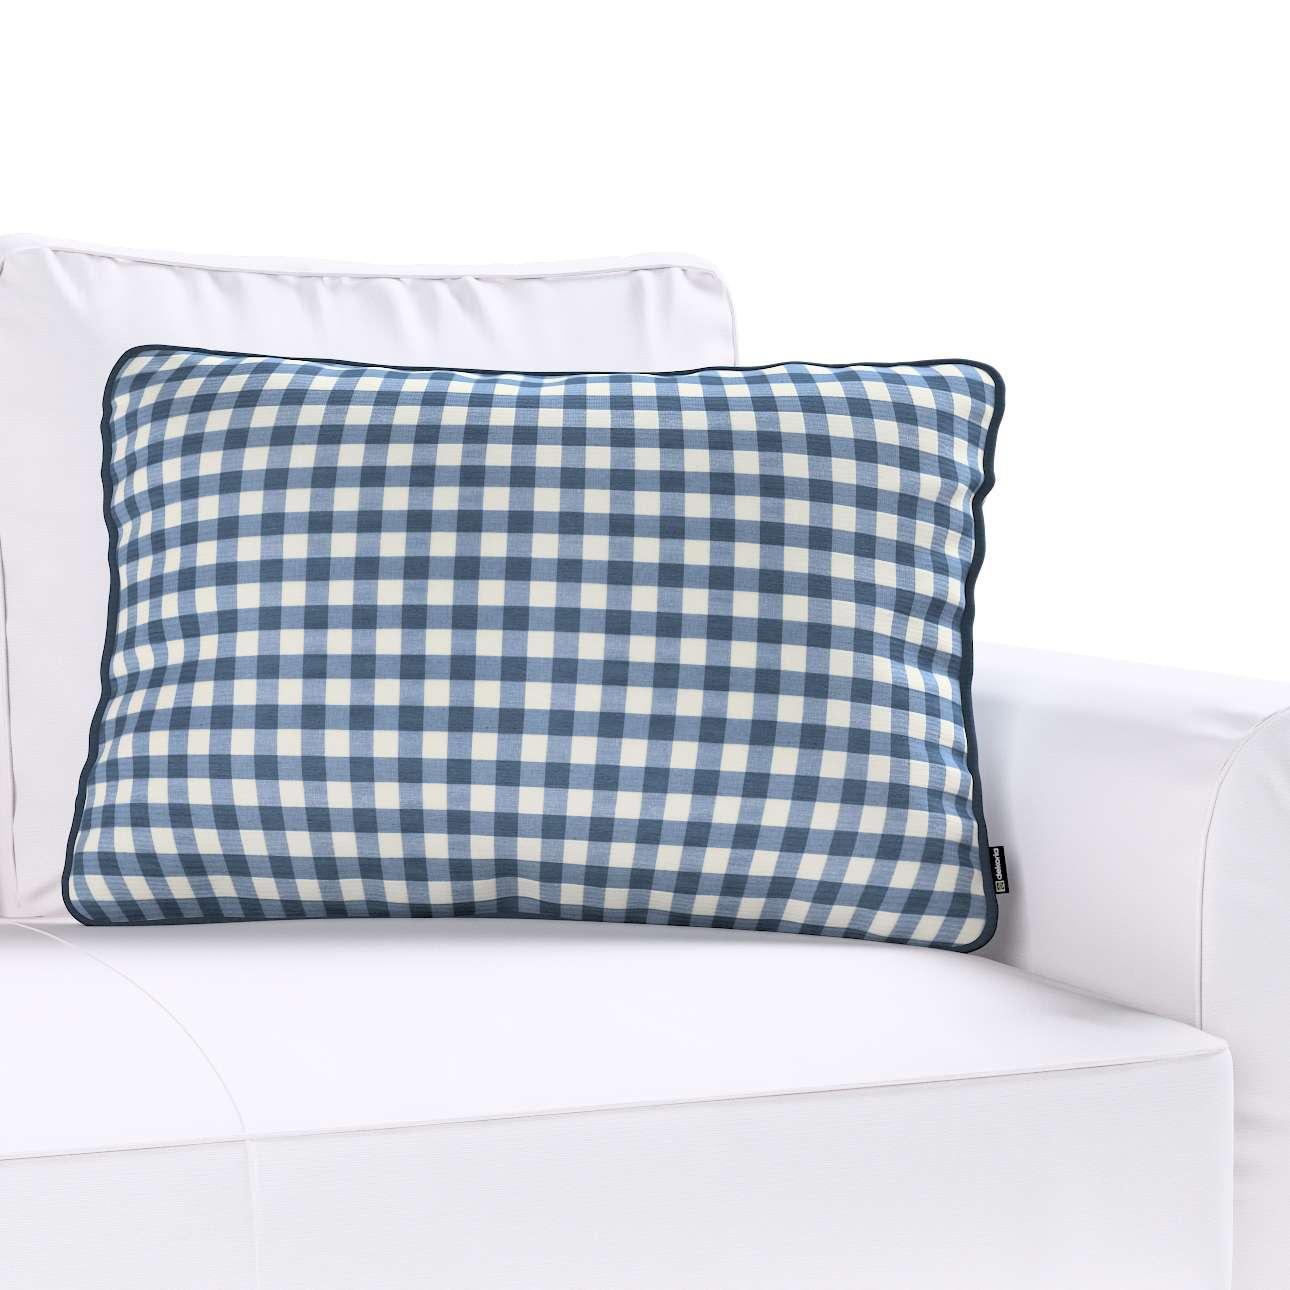 Poszewka Gabi na poduszkę prostokątna w kolekcji Quadro, tkanina: 136-01